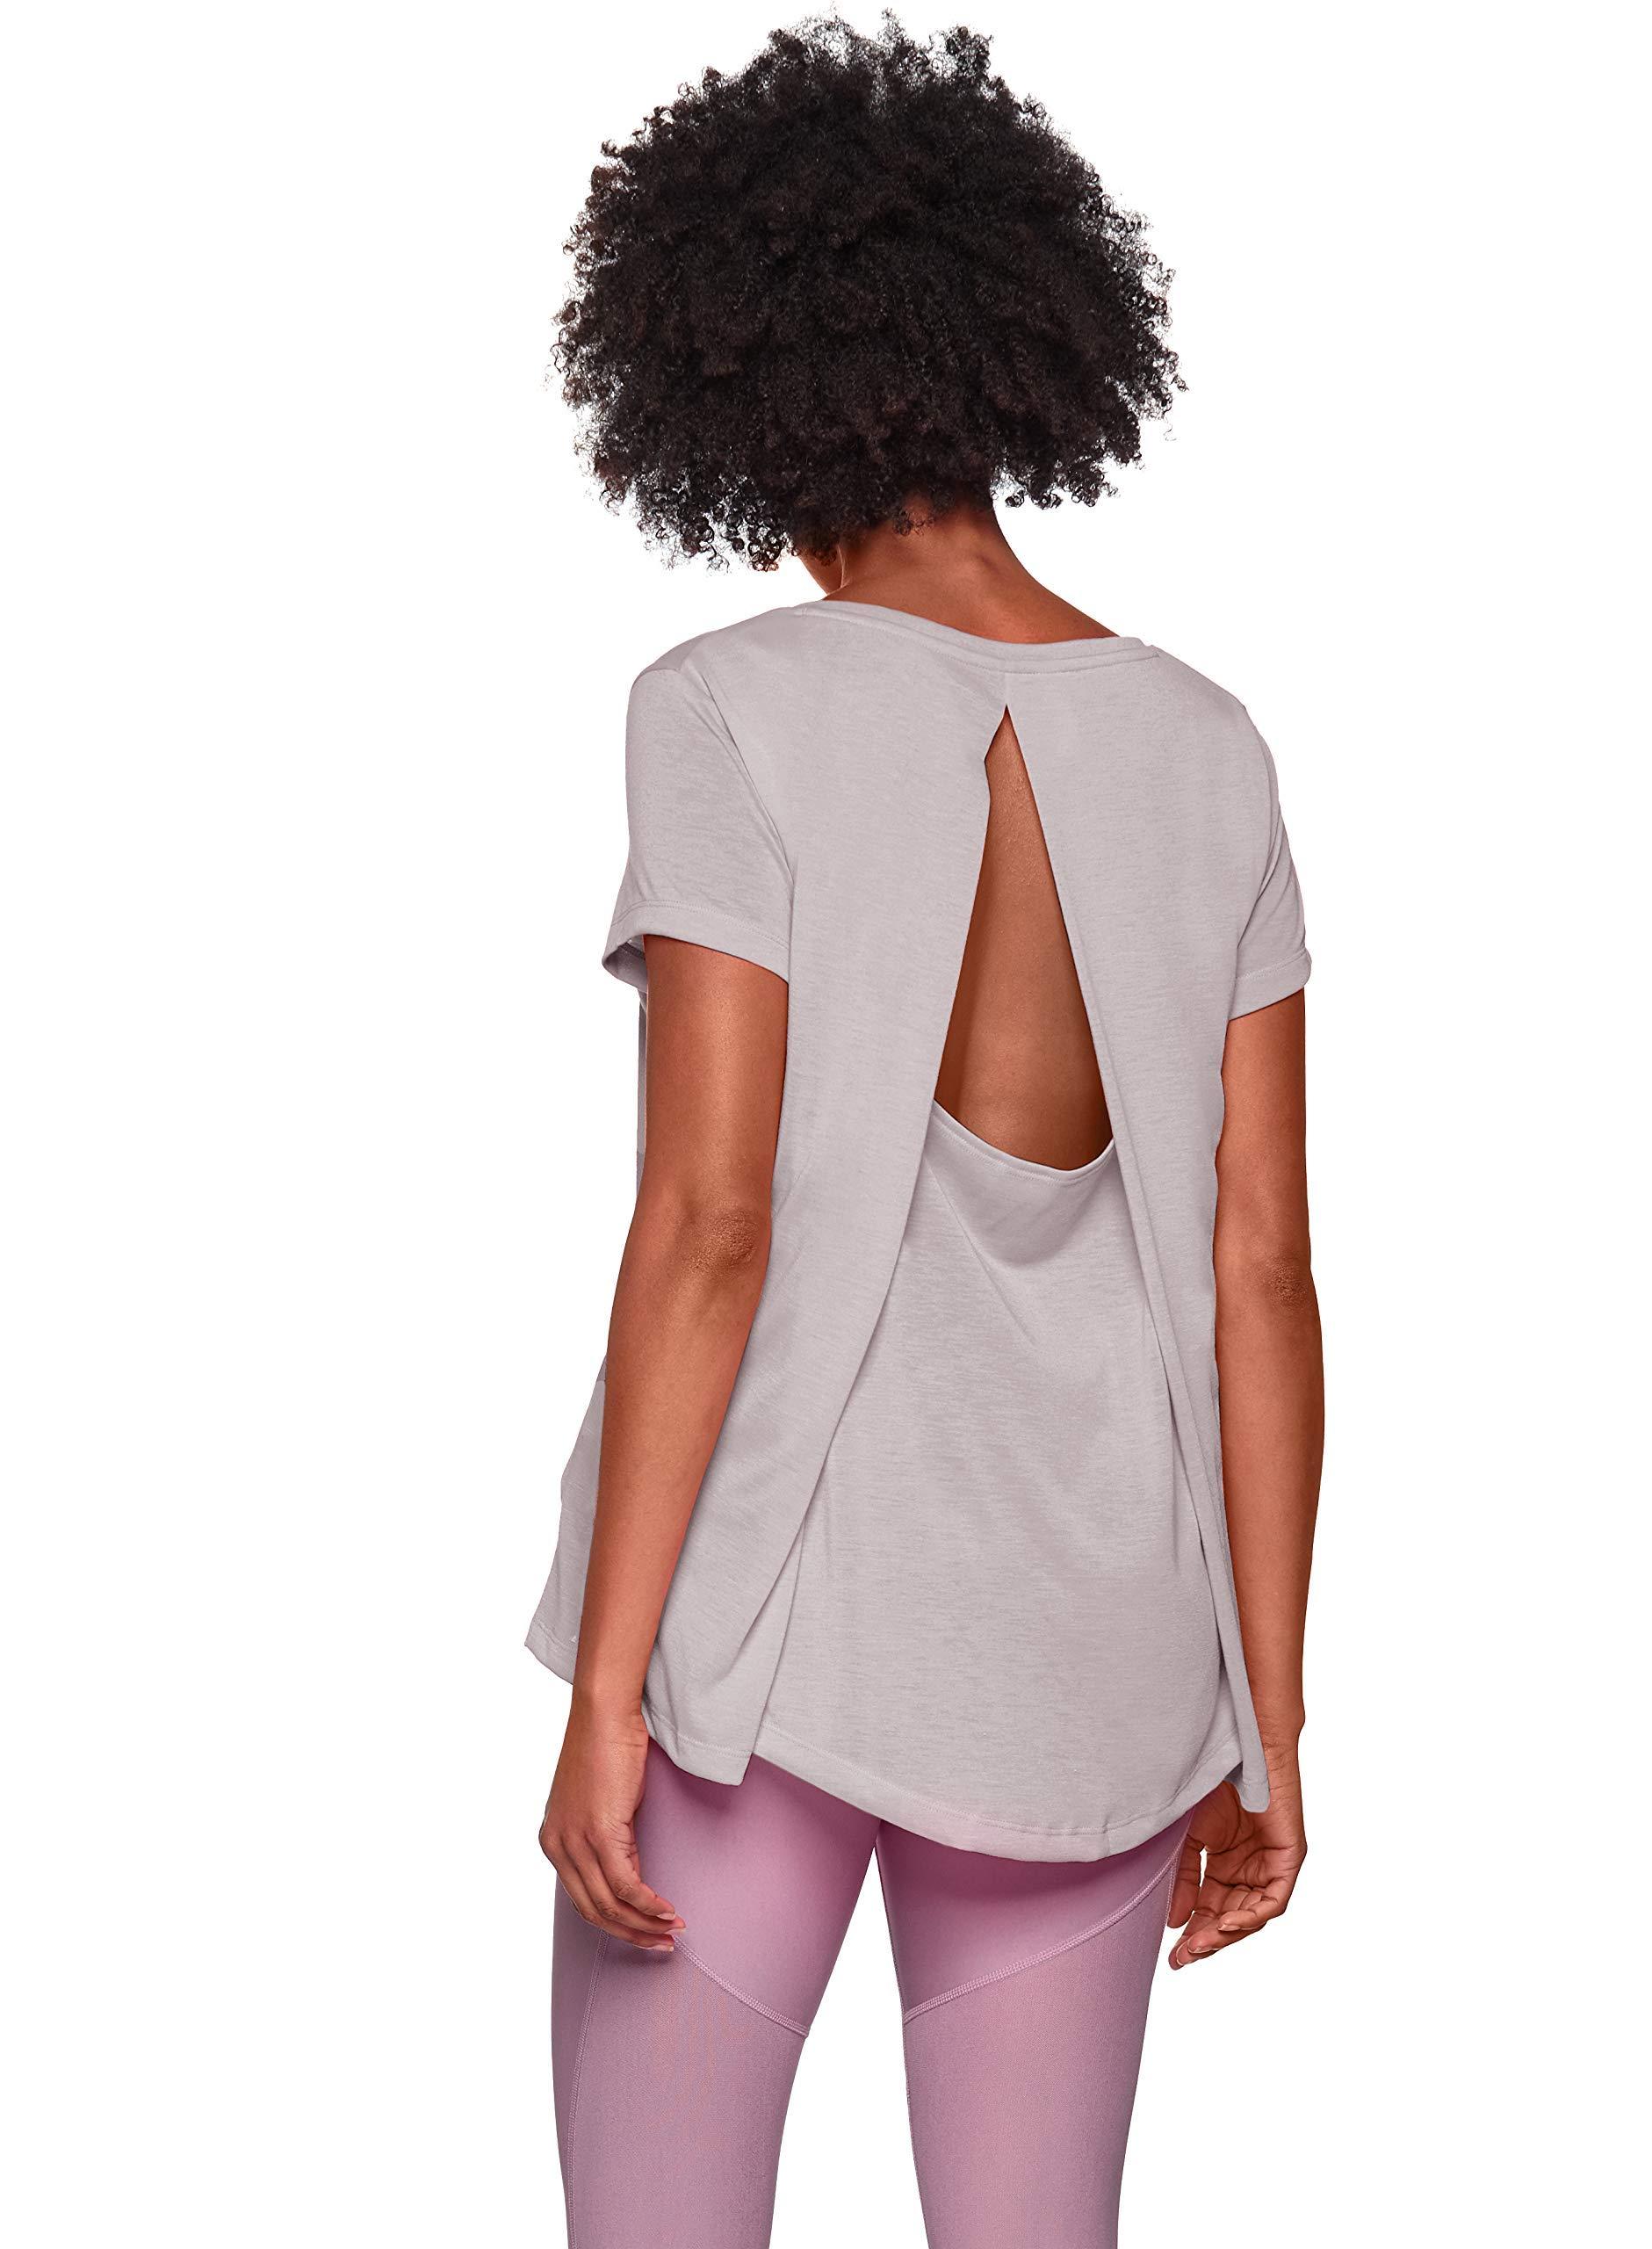 Under Armour Women's Whisperlight Short Sleeve Foldover Shirt, Tetra Gray//Tonal, X-Small